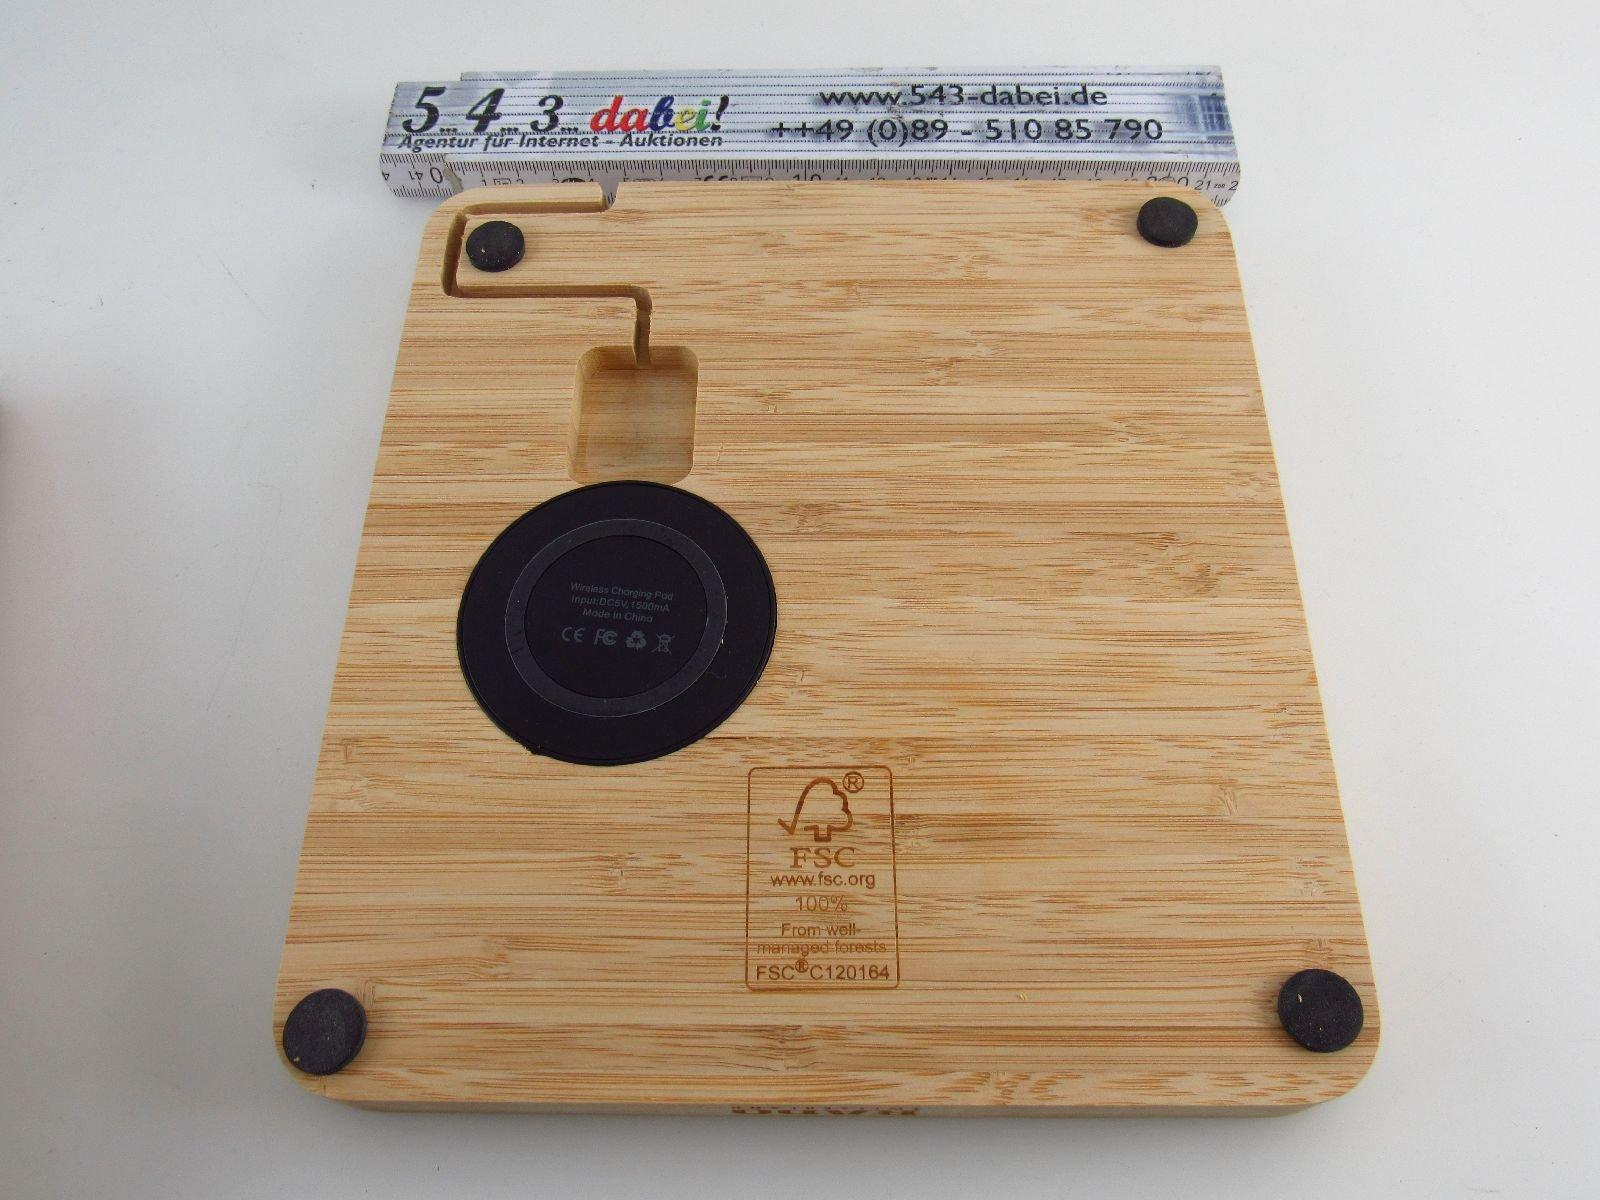 rado kabellose handy smartphone mobiltelefon ladestation. Black Bedroom Furniture Sets. Home Design Ideas